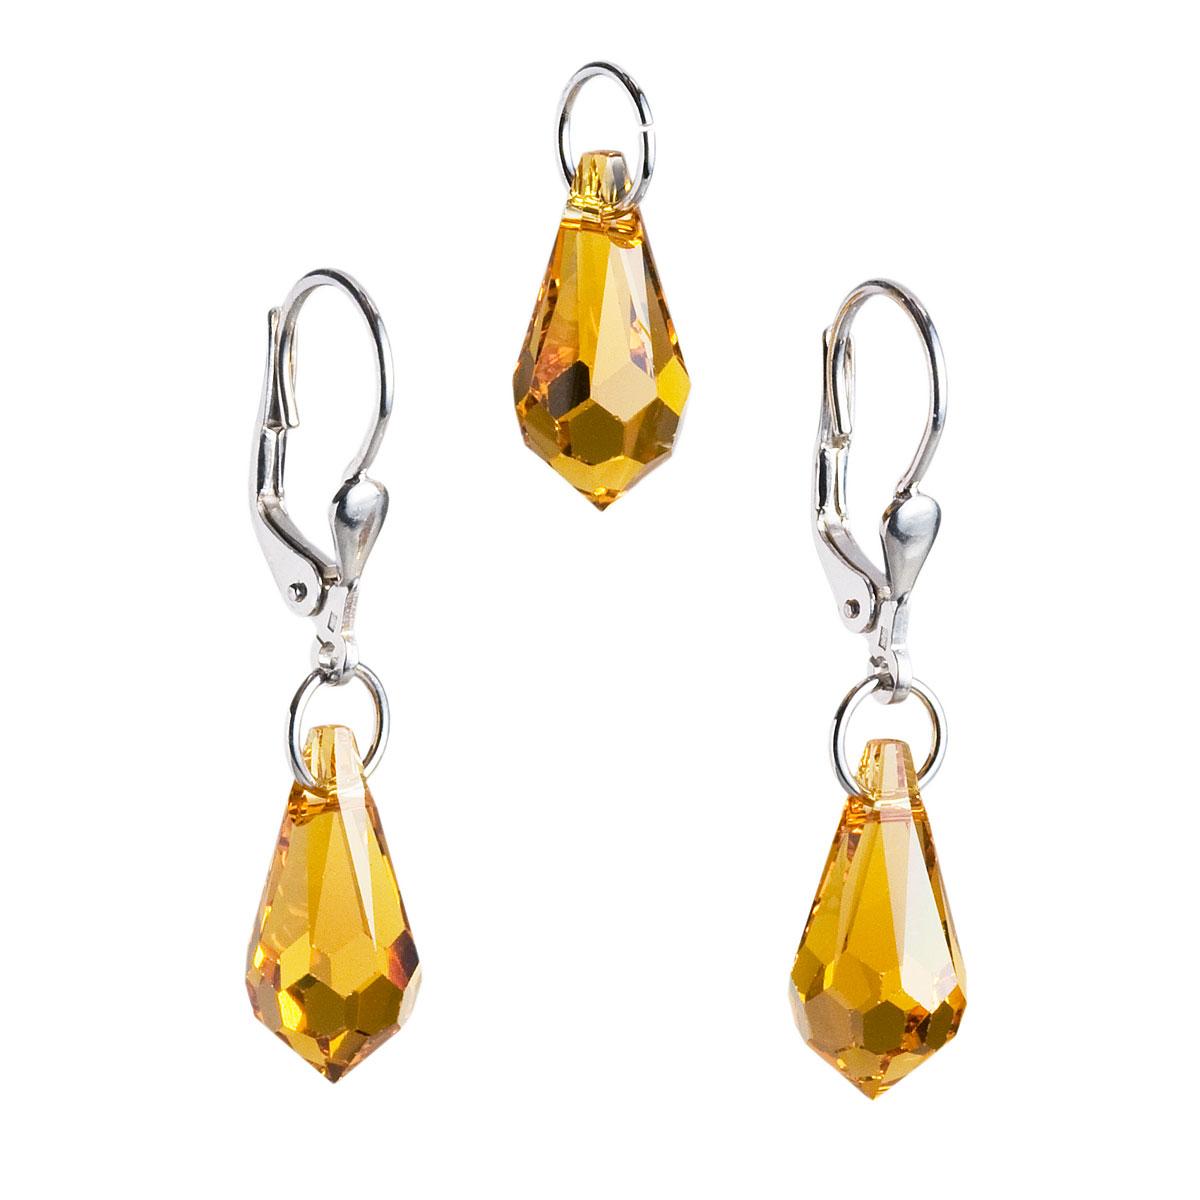 Sada šperků s krystaly Swarovski náušnice a přívěsek zlatá slza 39029.3